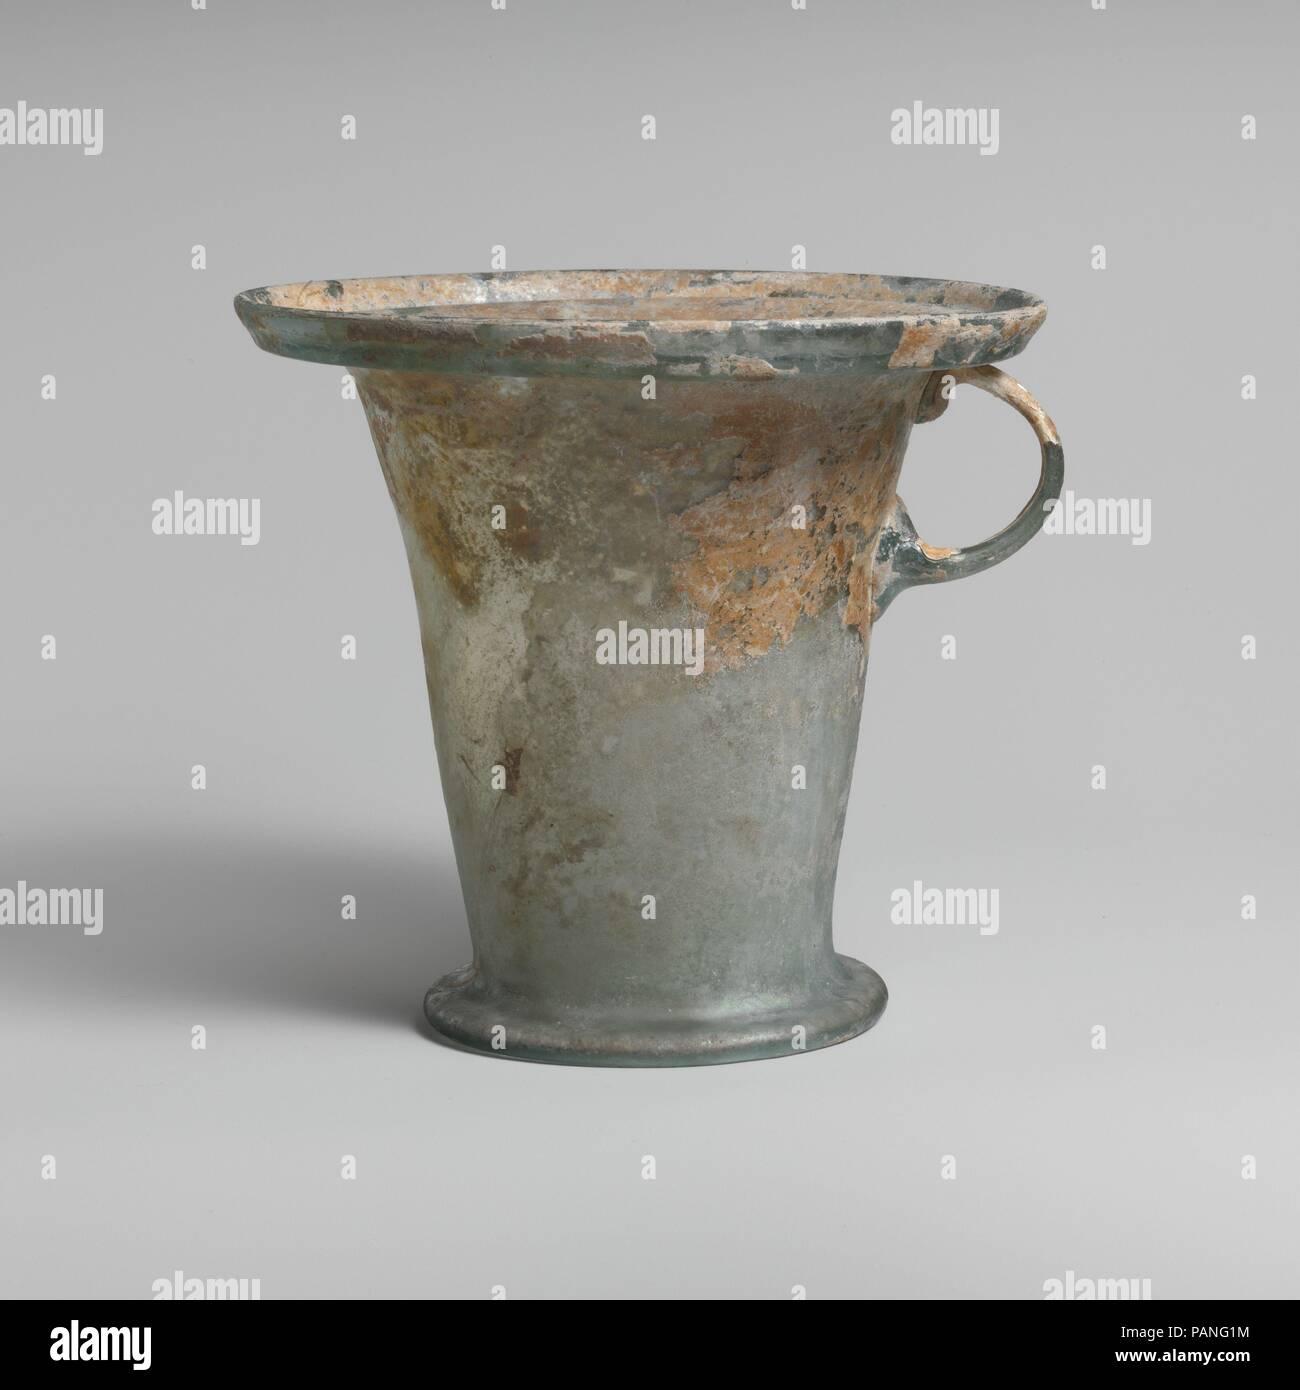 Modiolus Vetro One Gestite Cup Cultura Romano Dimensioni H 5